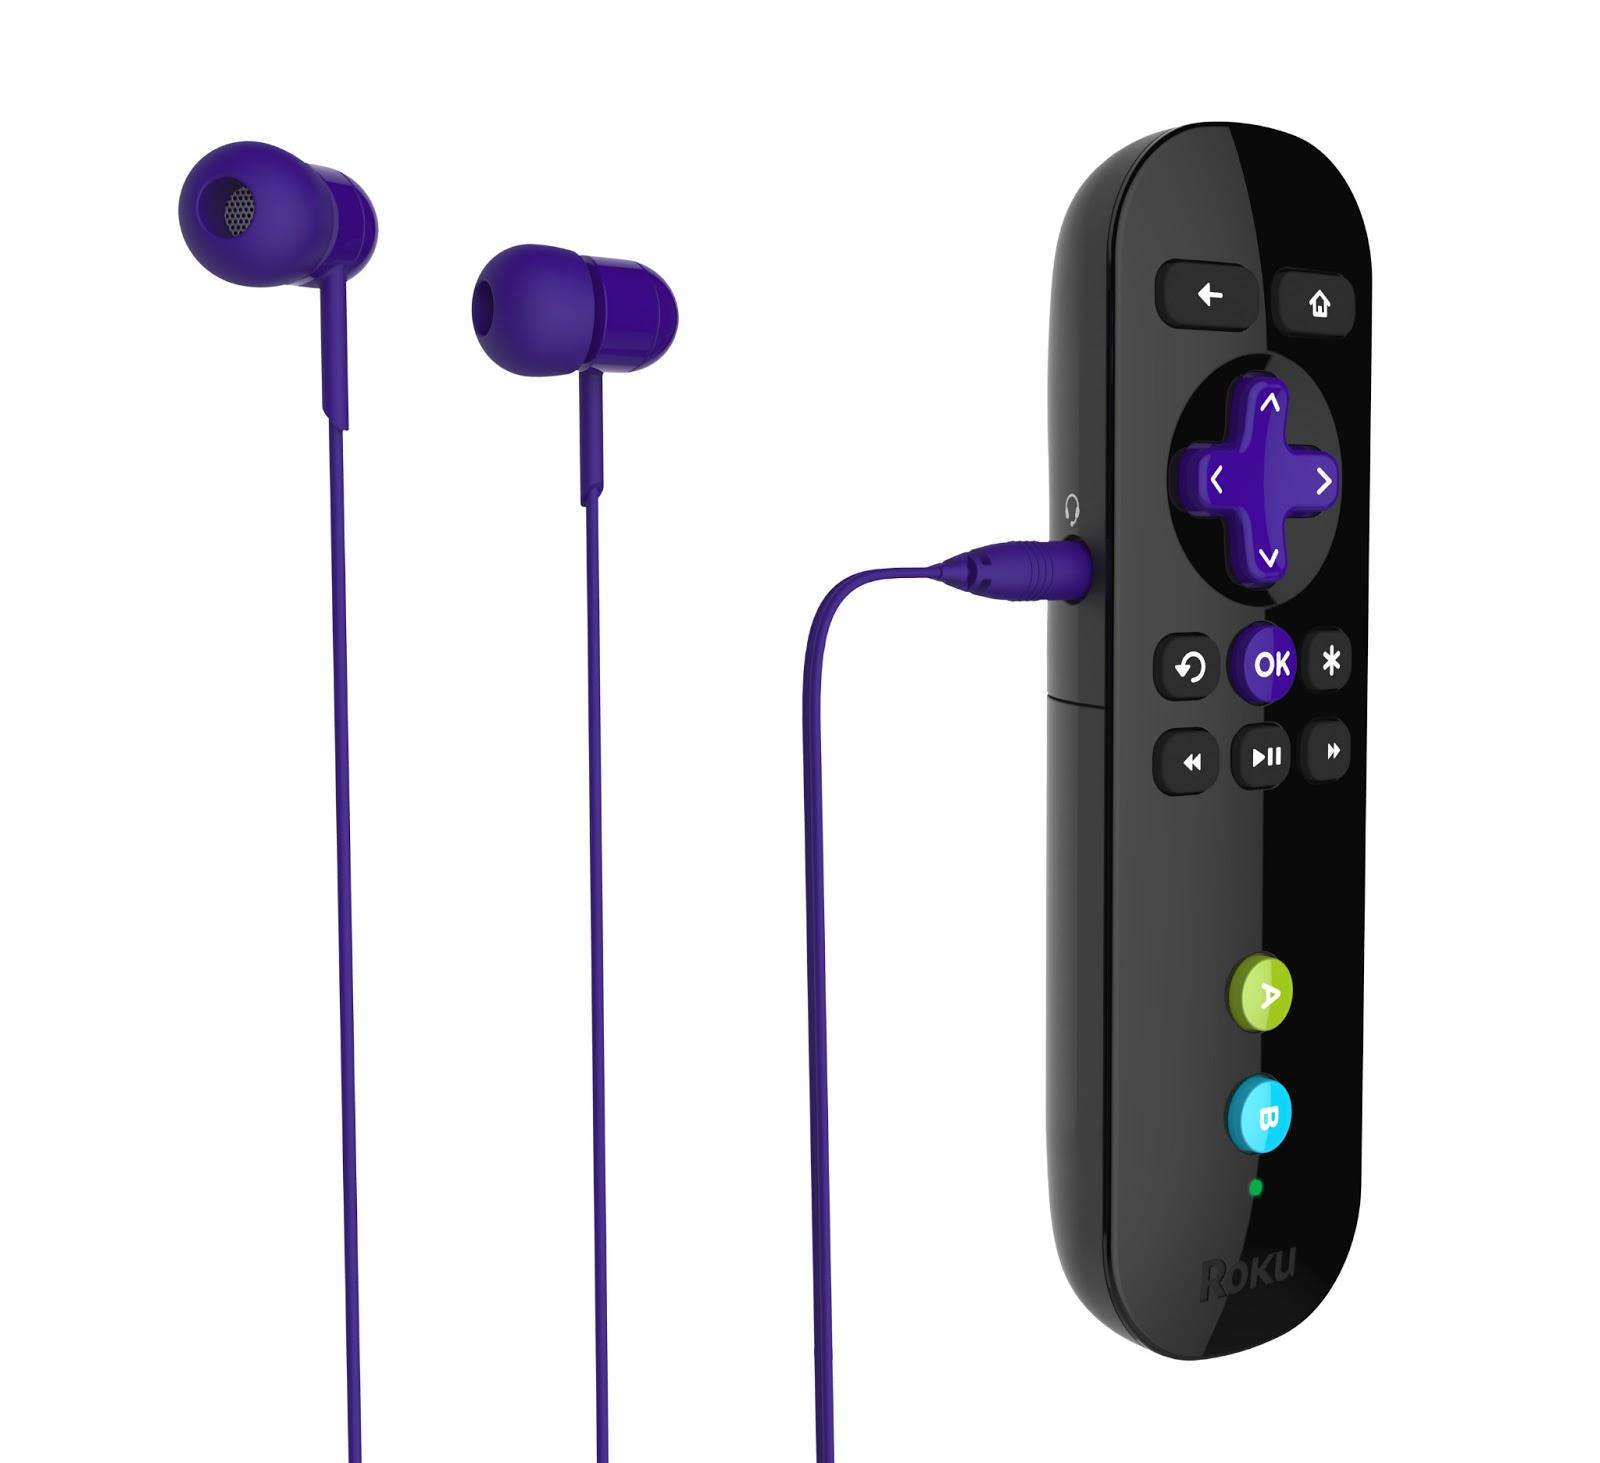 Roku 3 Remote